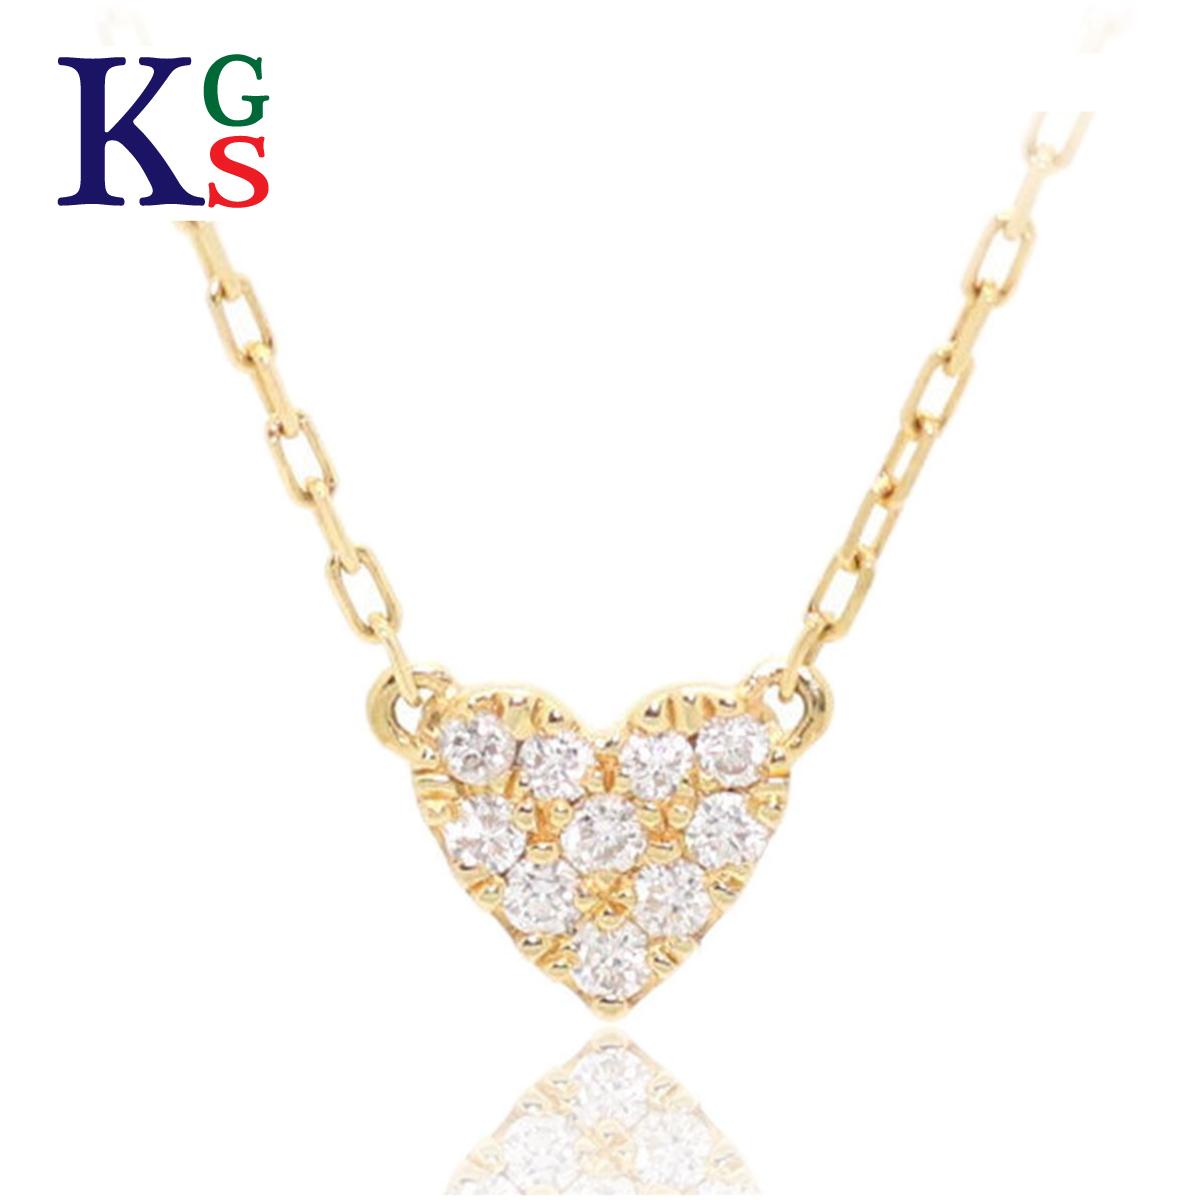 【ギフト品質】AHKAH/アーカー ジュエリー レディース ネックレス ハートパヴェ K18YG イエローゴールド 10Pダイヤモンド 0.05ct